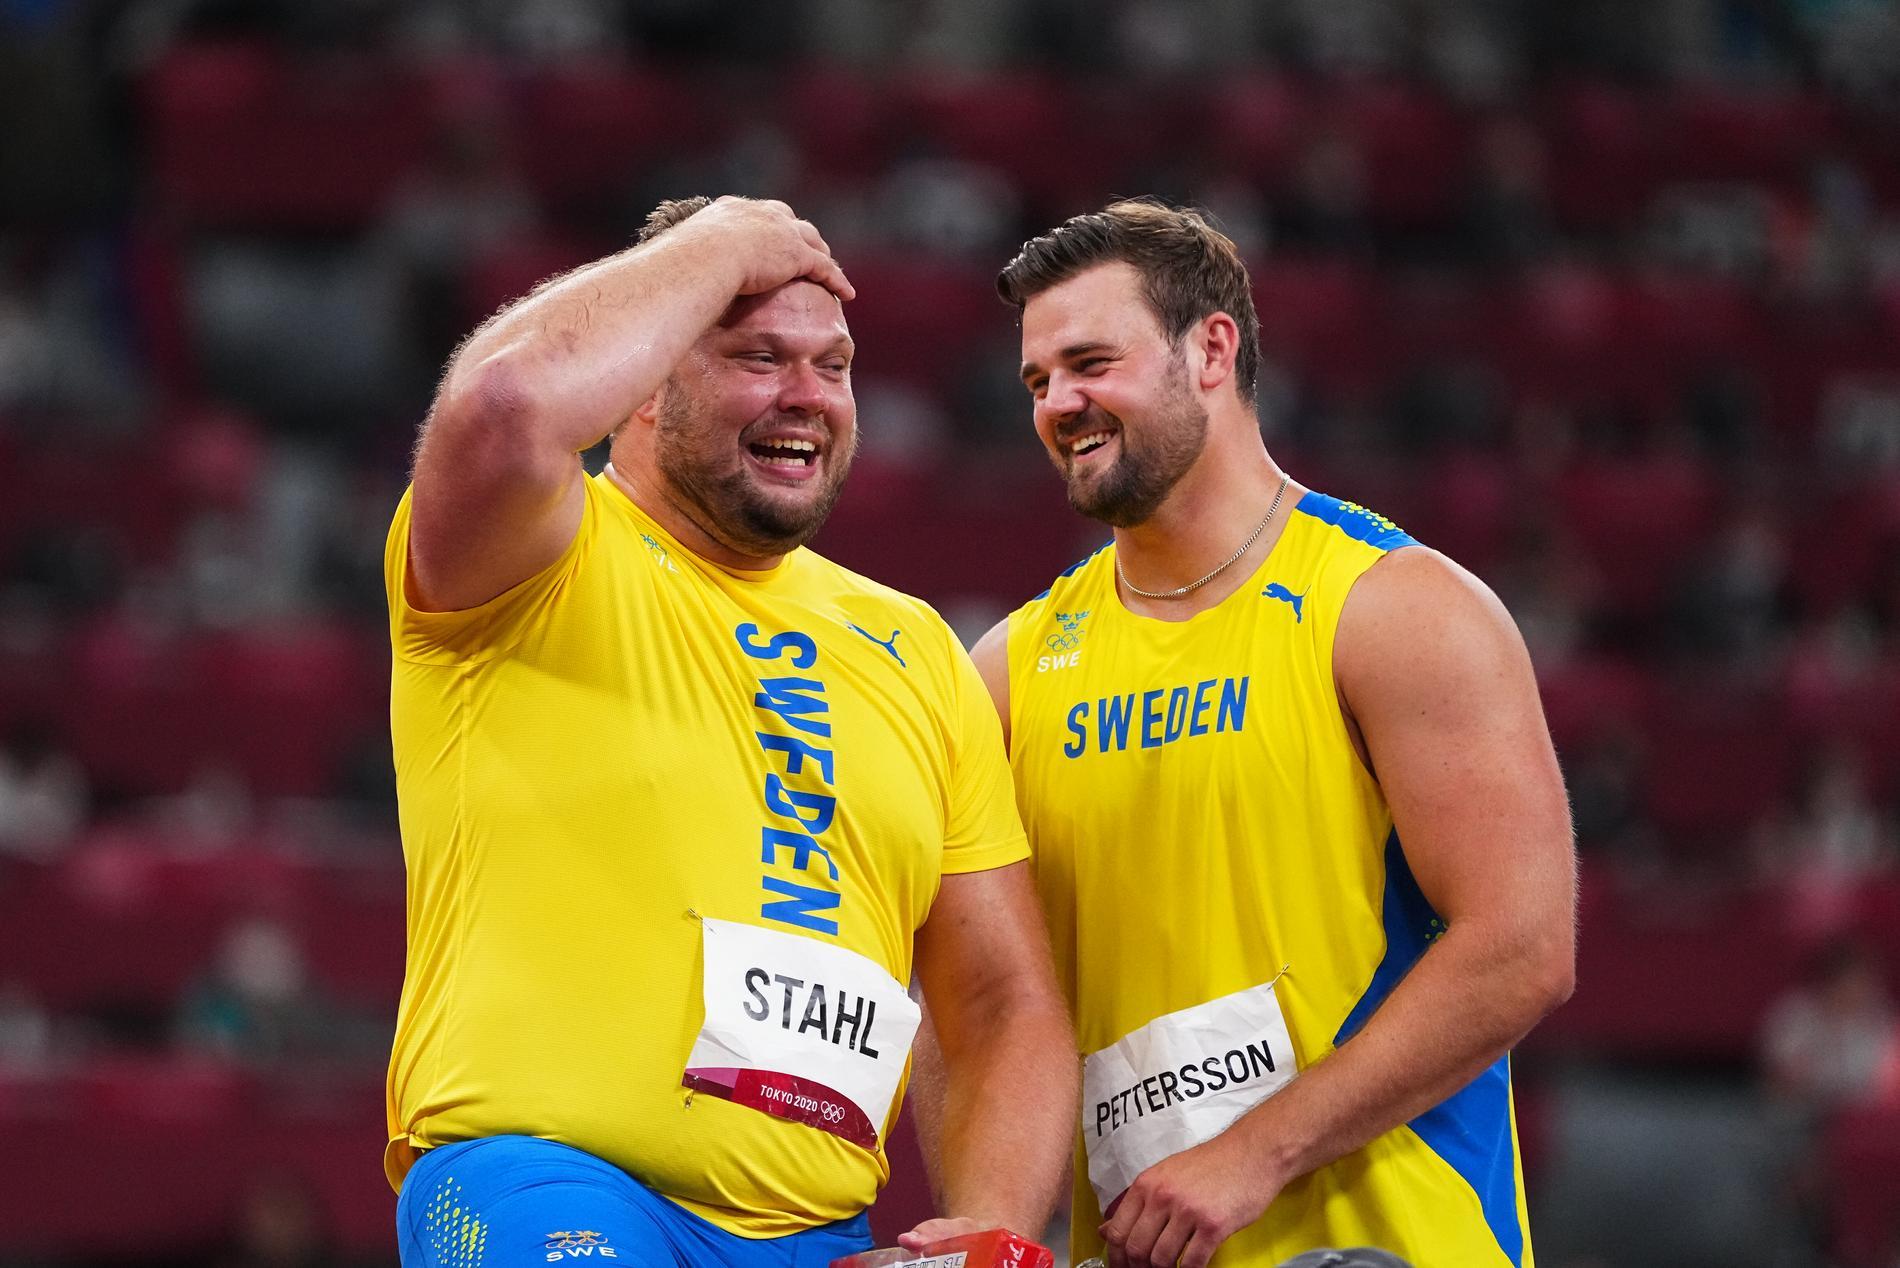 Daniel Ståhl och Simon Petterssons succé i diskus-finalen höll Sarah Sjöström vaken.